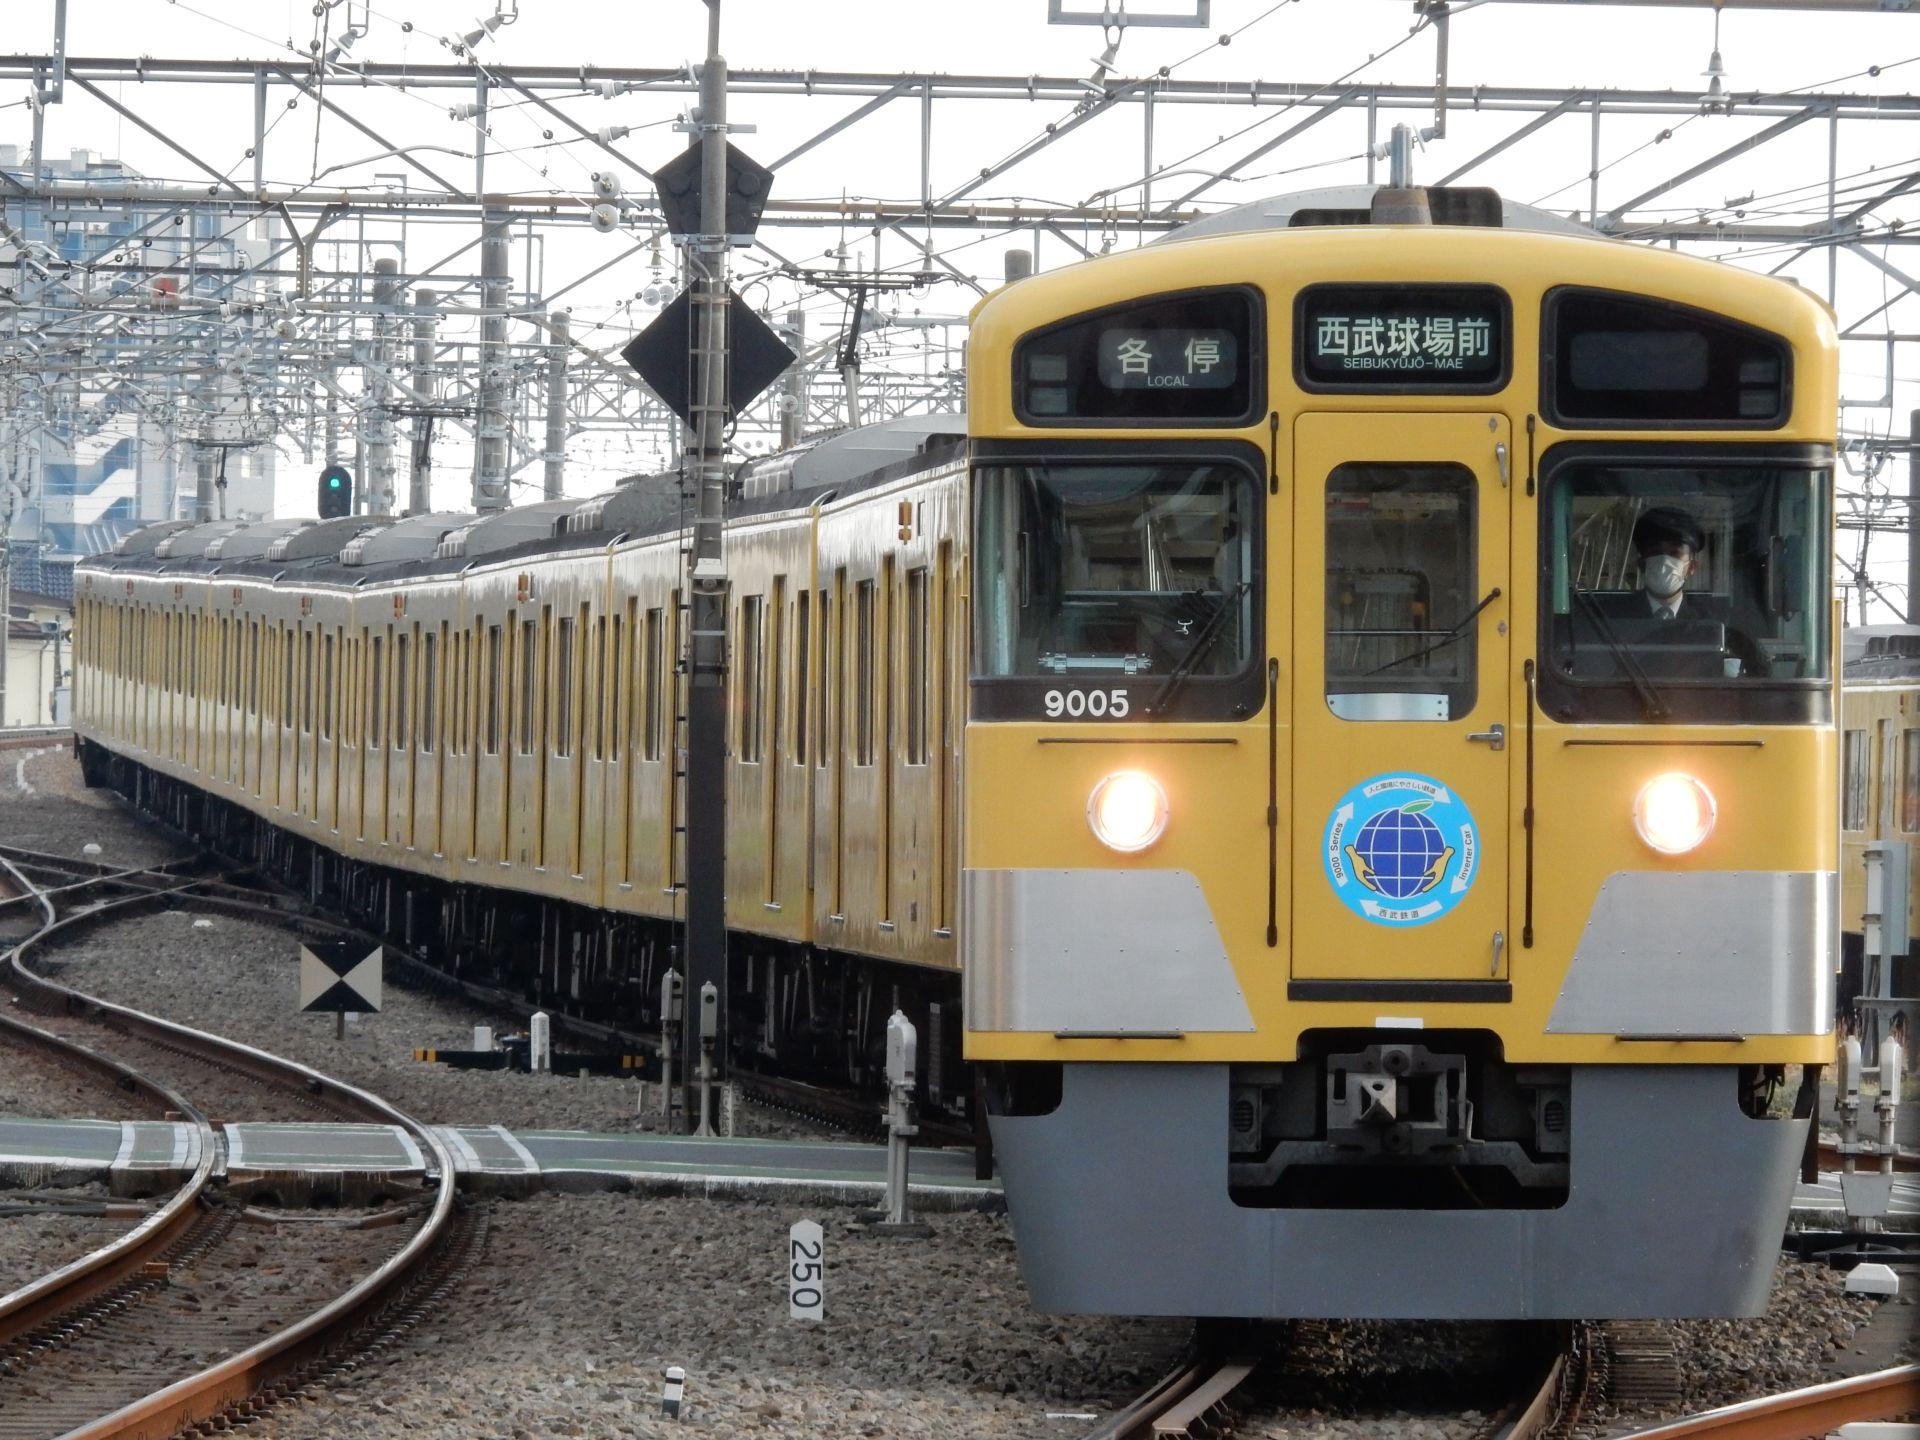 DSCN5158.jpg